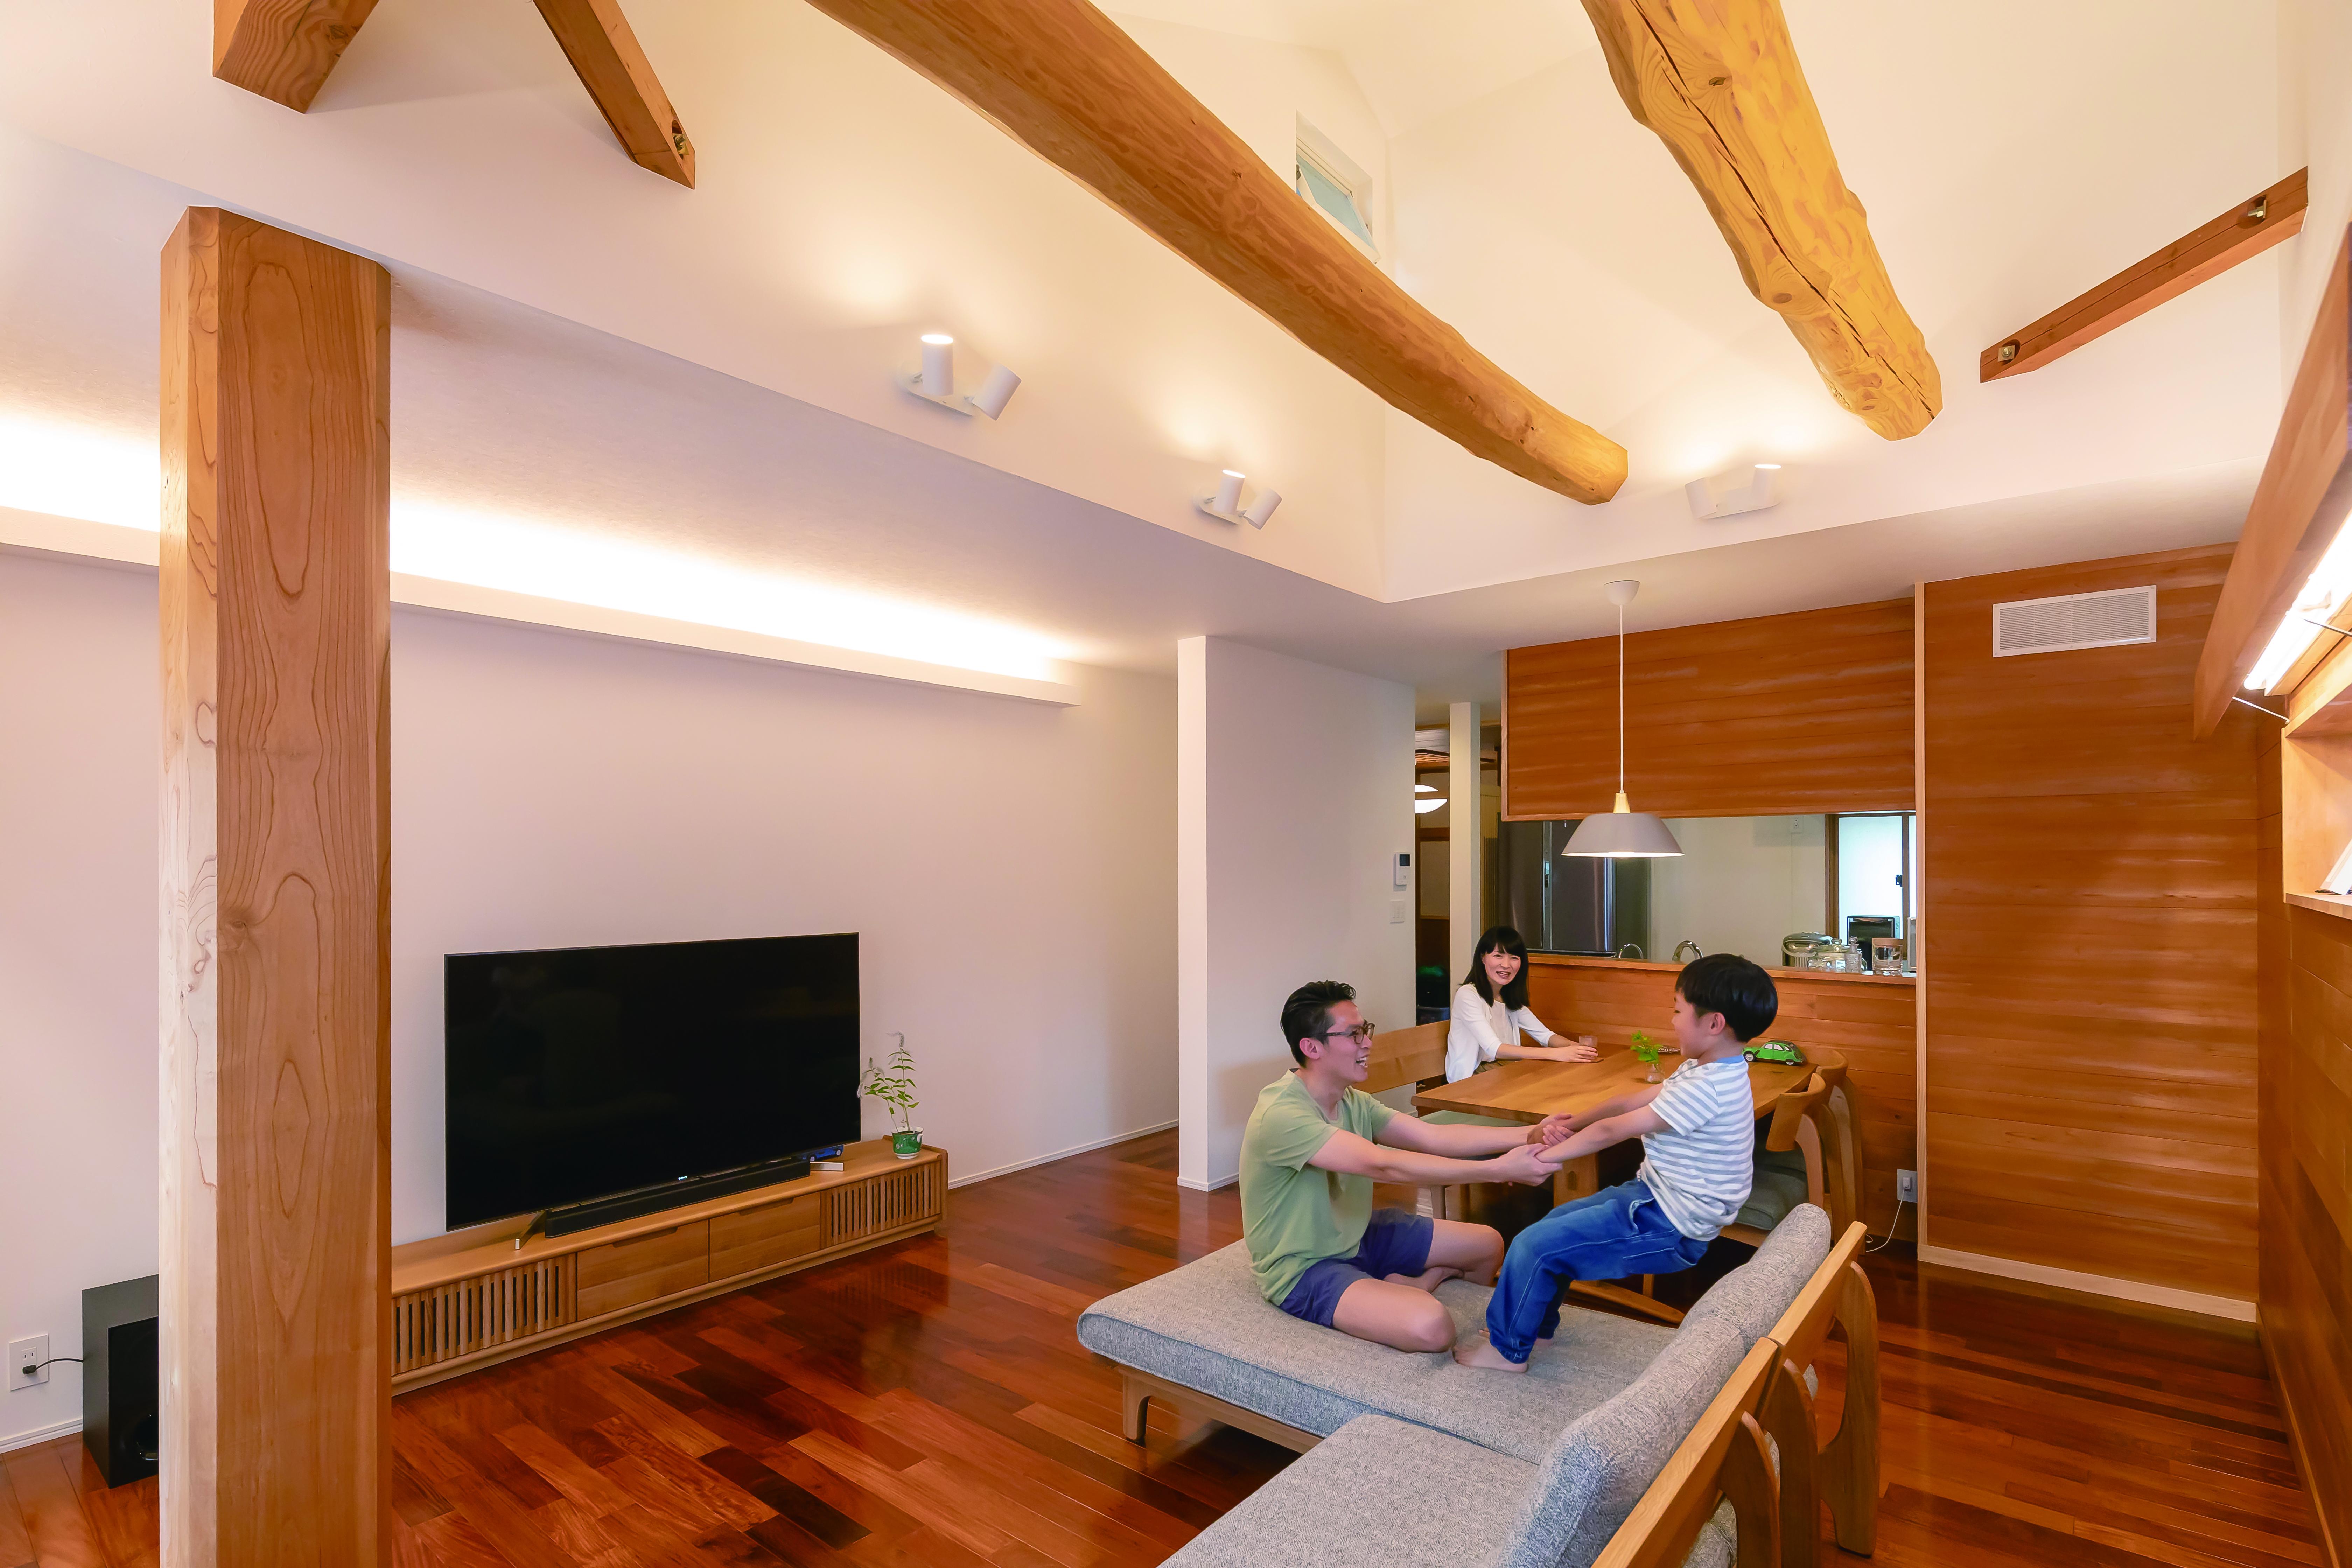 くらはし建築|天井を改修し、隠れていた梁を見せて開放感あふれる空間に生まれ変わった子世帯。カリンの床は既存のまま、天井のヒノキを壁に転用。白い壁の反対側は親世帯で、音は全く気にならない